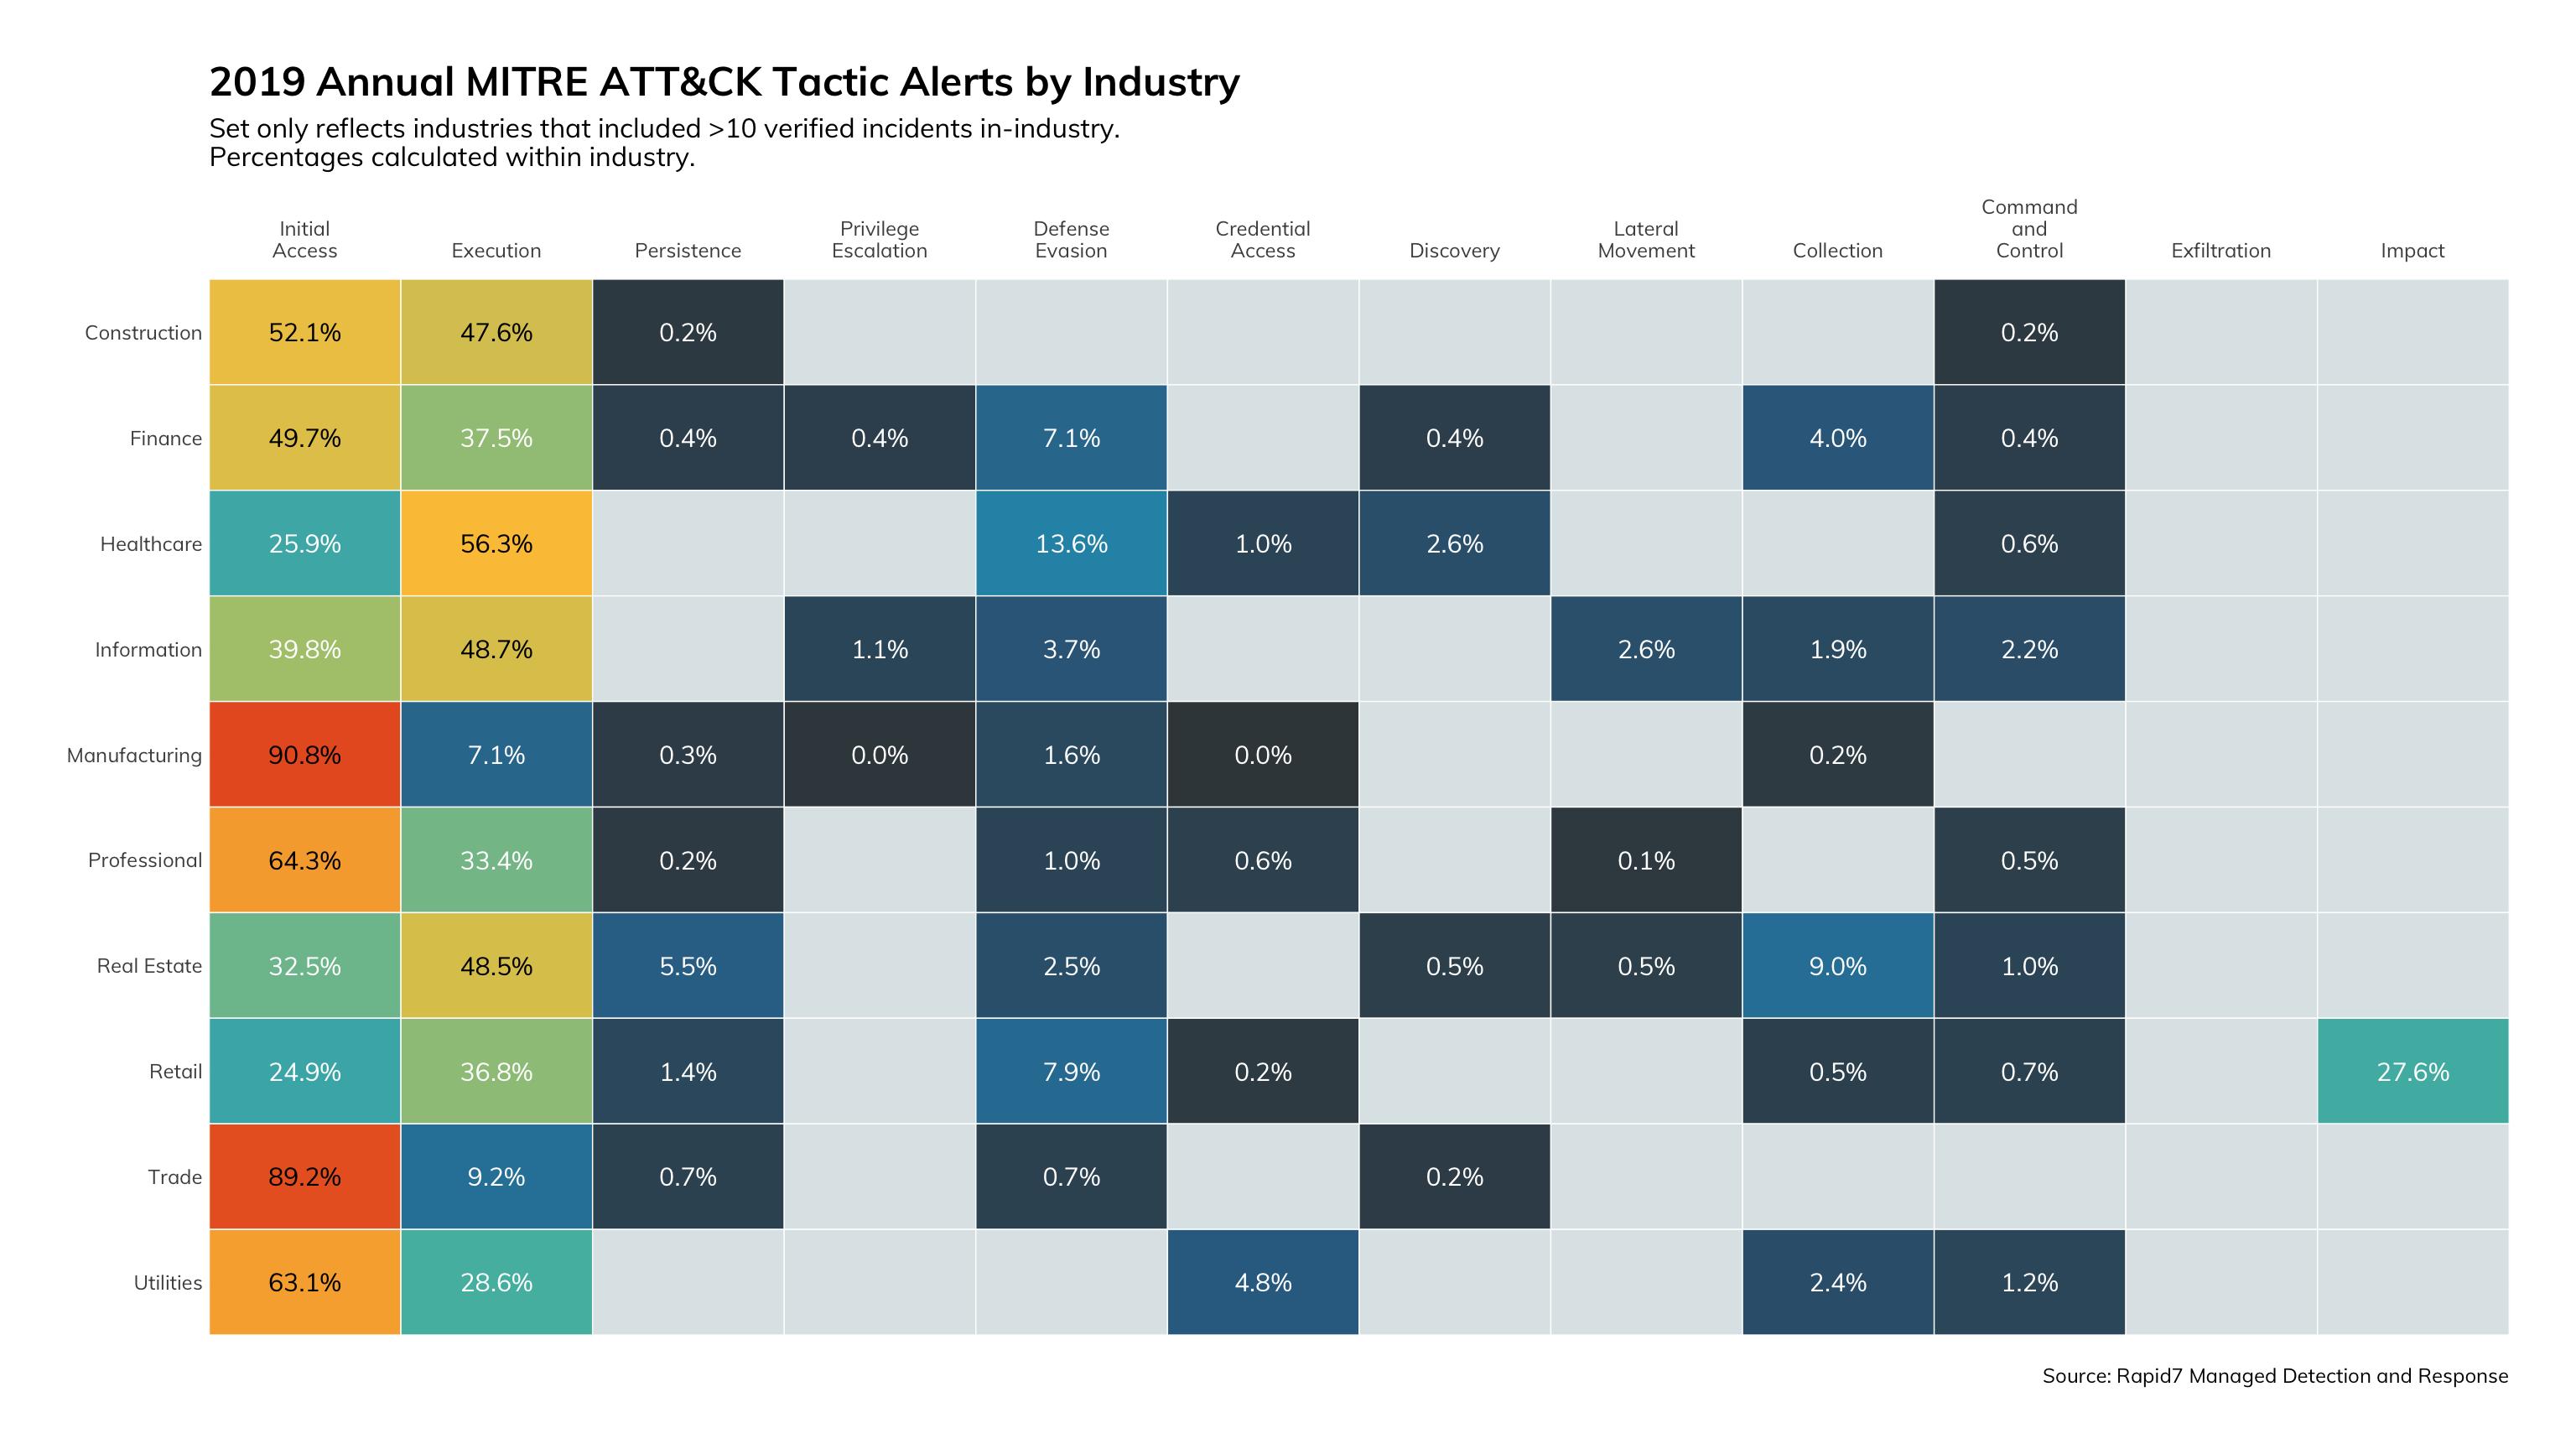 図13: 2019年のMITRE ATT&CKの戦術に関するアラート(業種別)